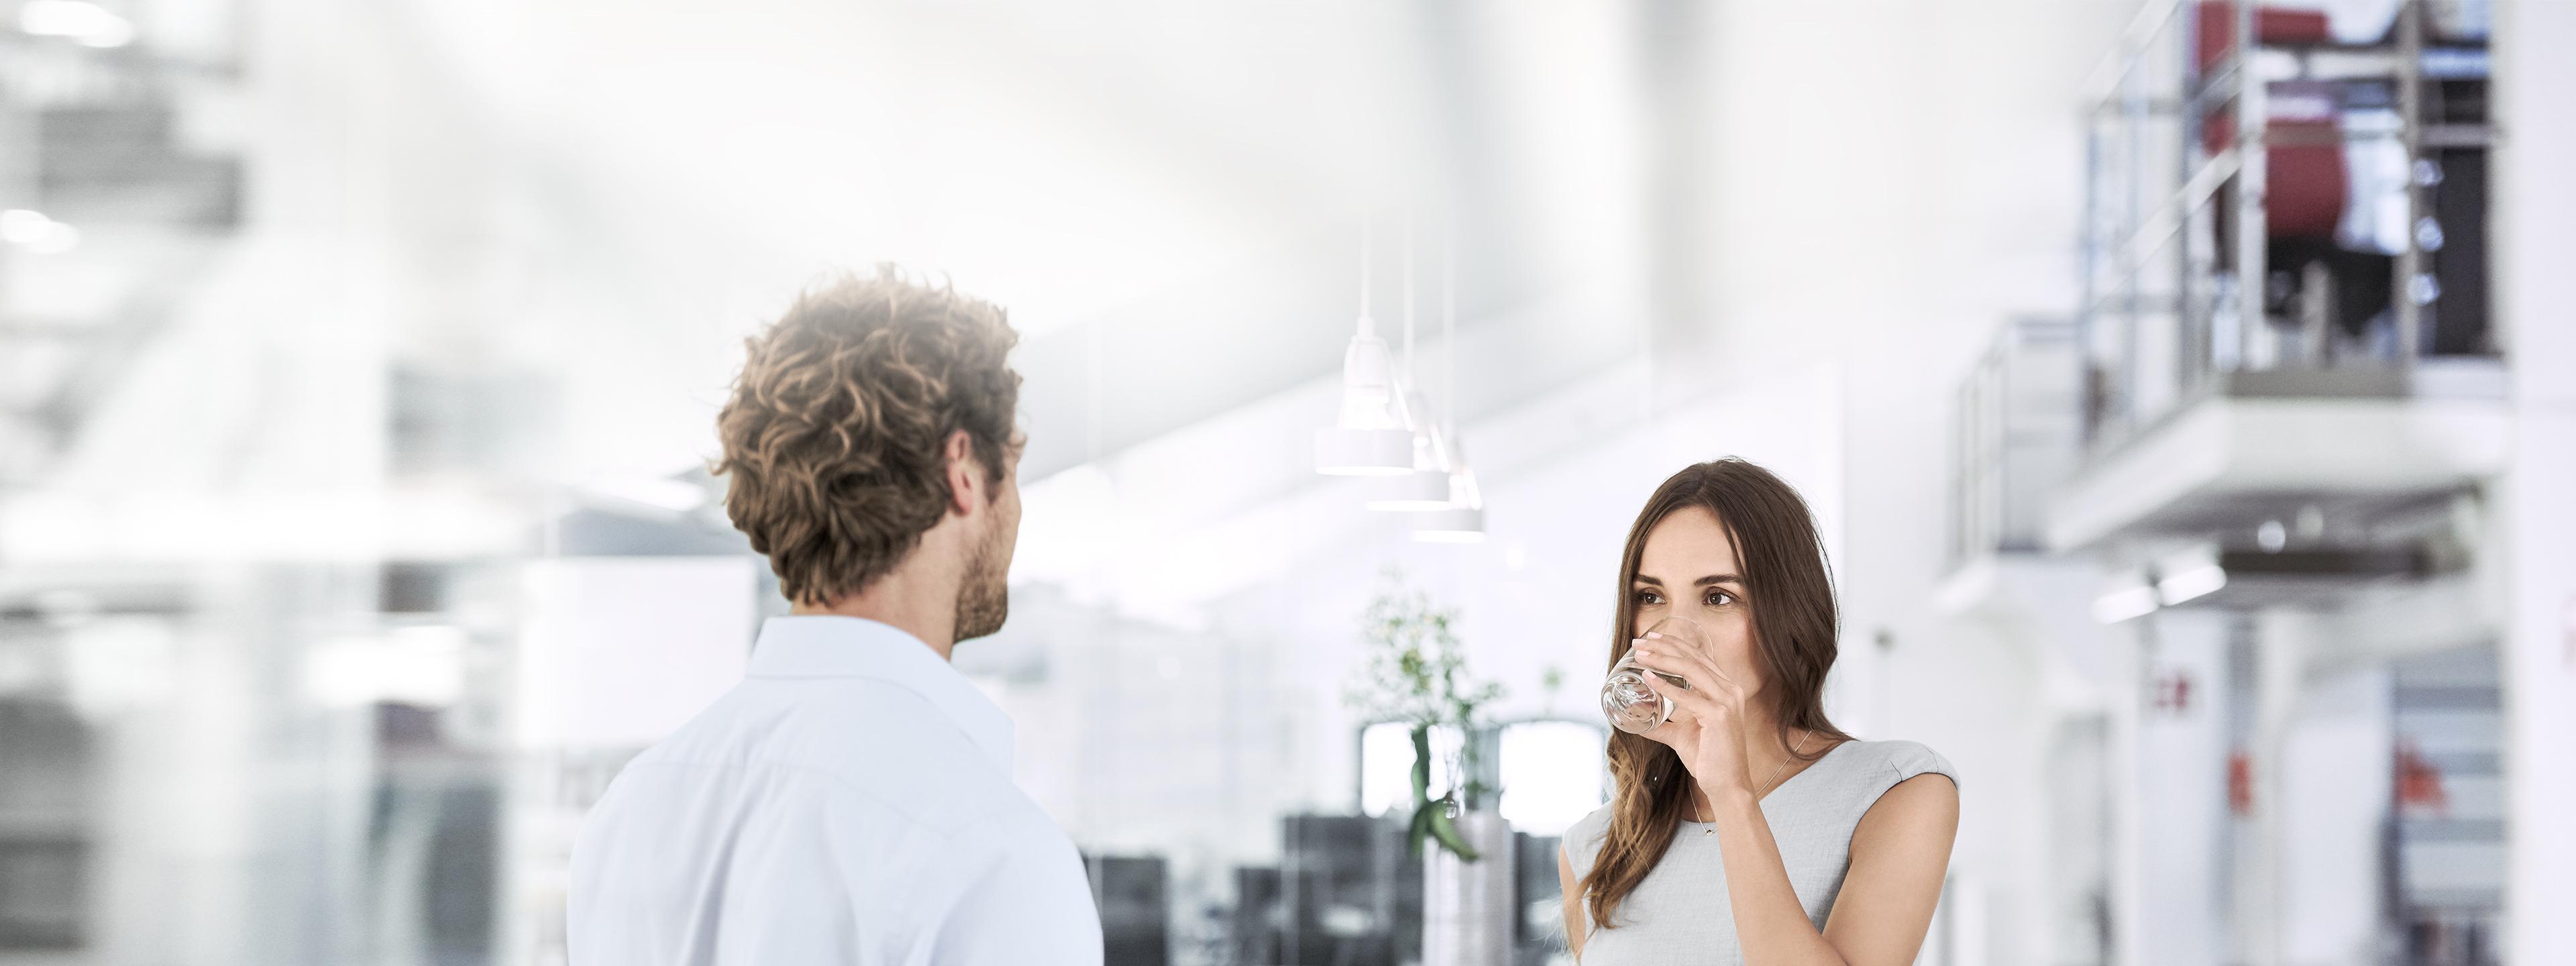 BRITA a BRITA casal conversar no escritório mulher